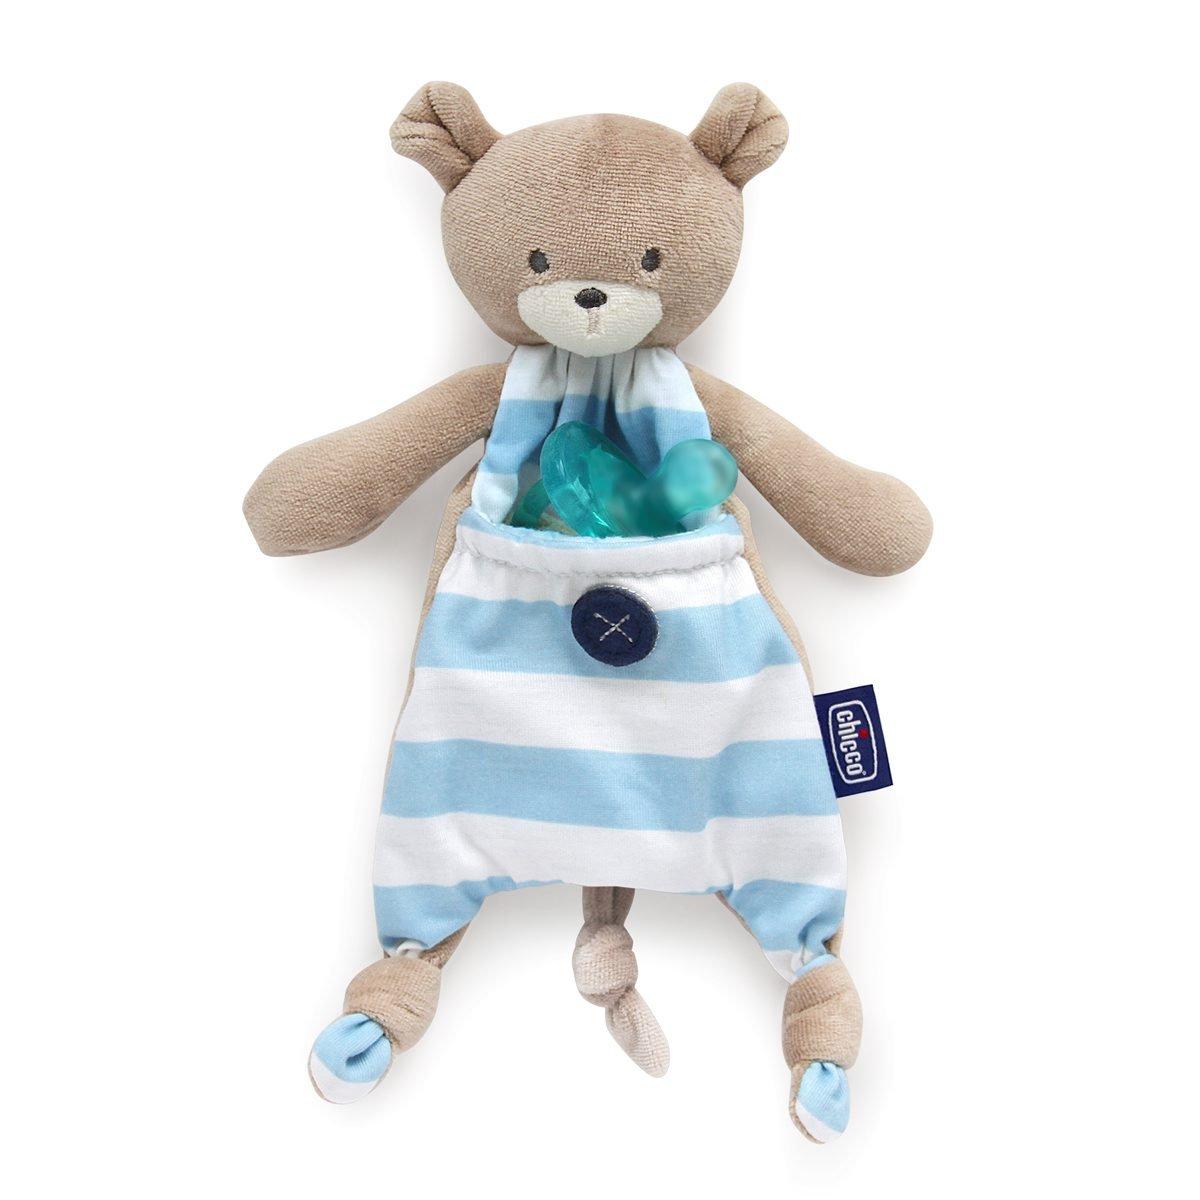 Chicco Pocket Friend - Guarda chupetes de peluche con bolsillo, azul 00008012200000